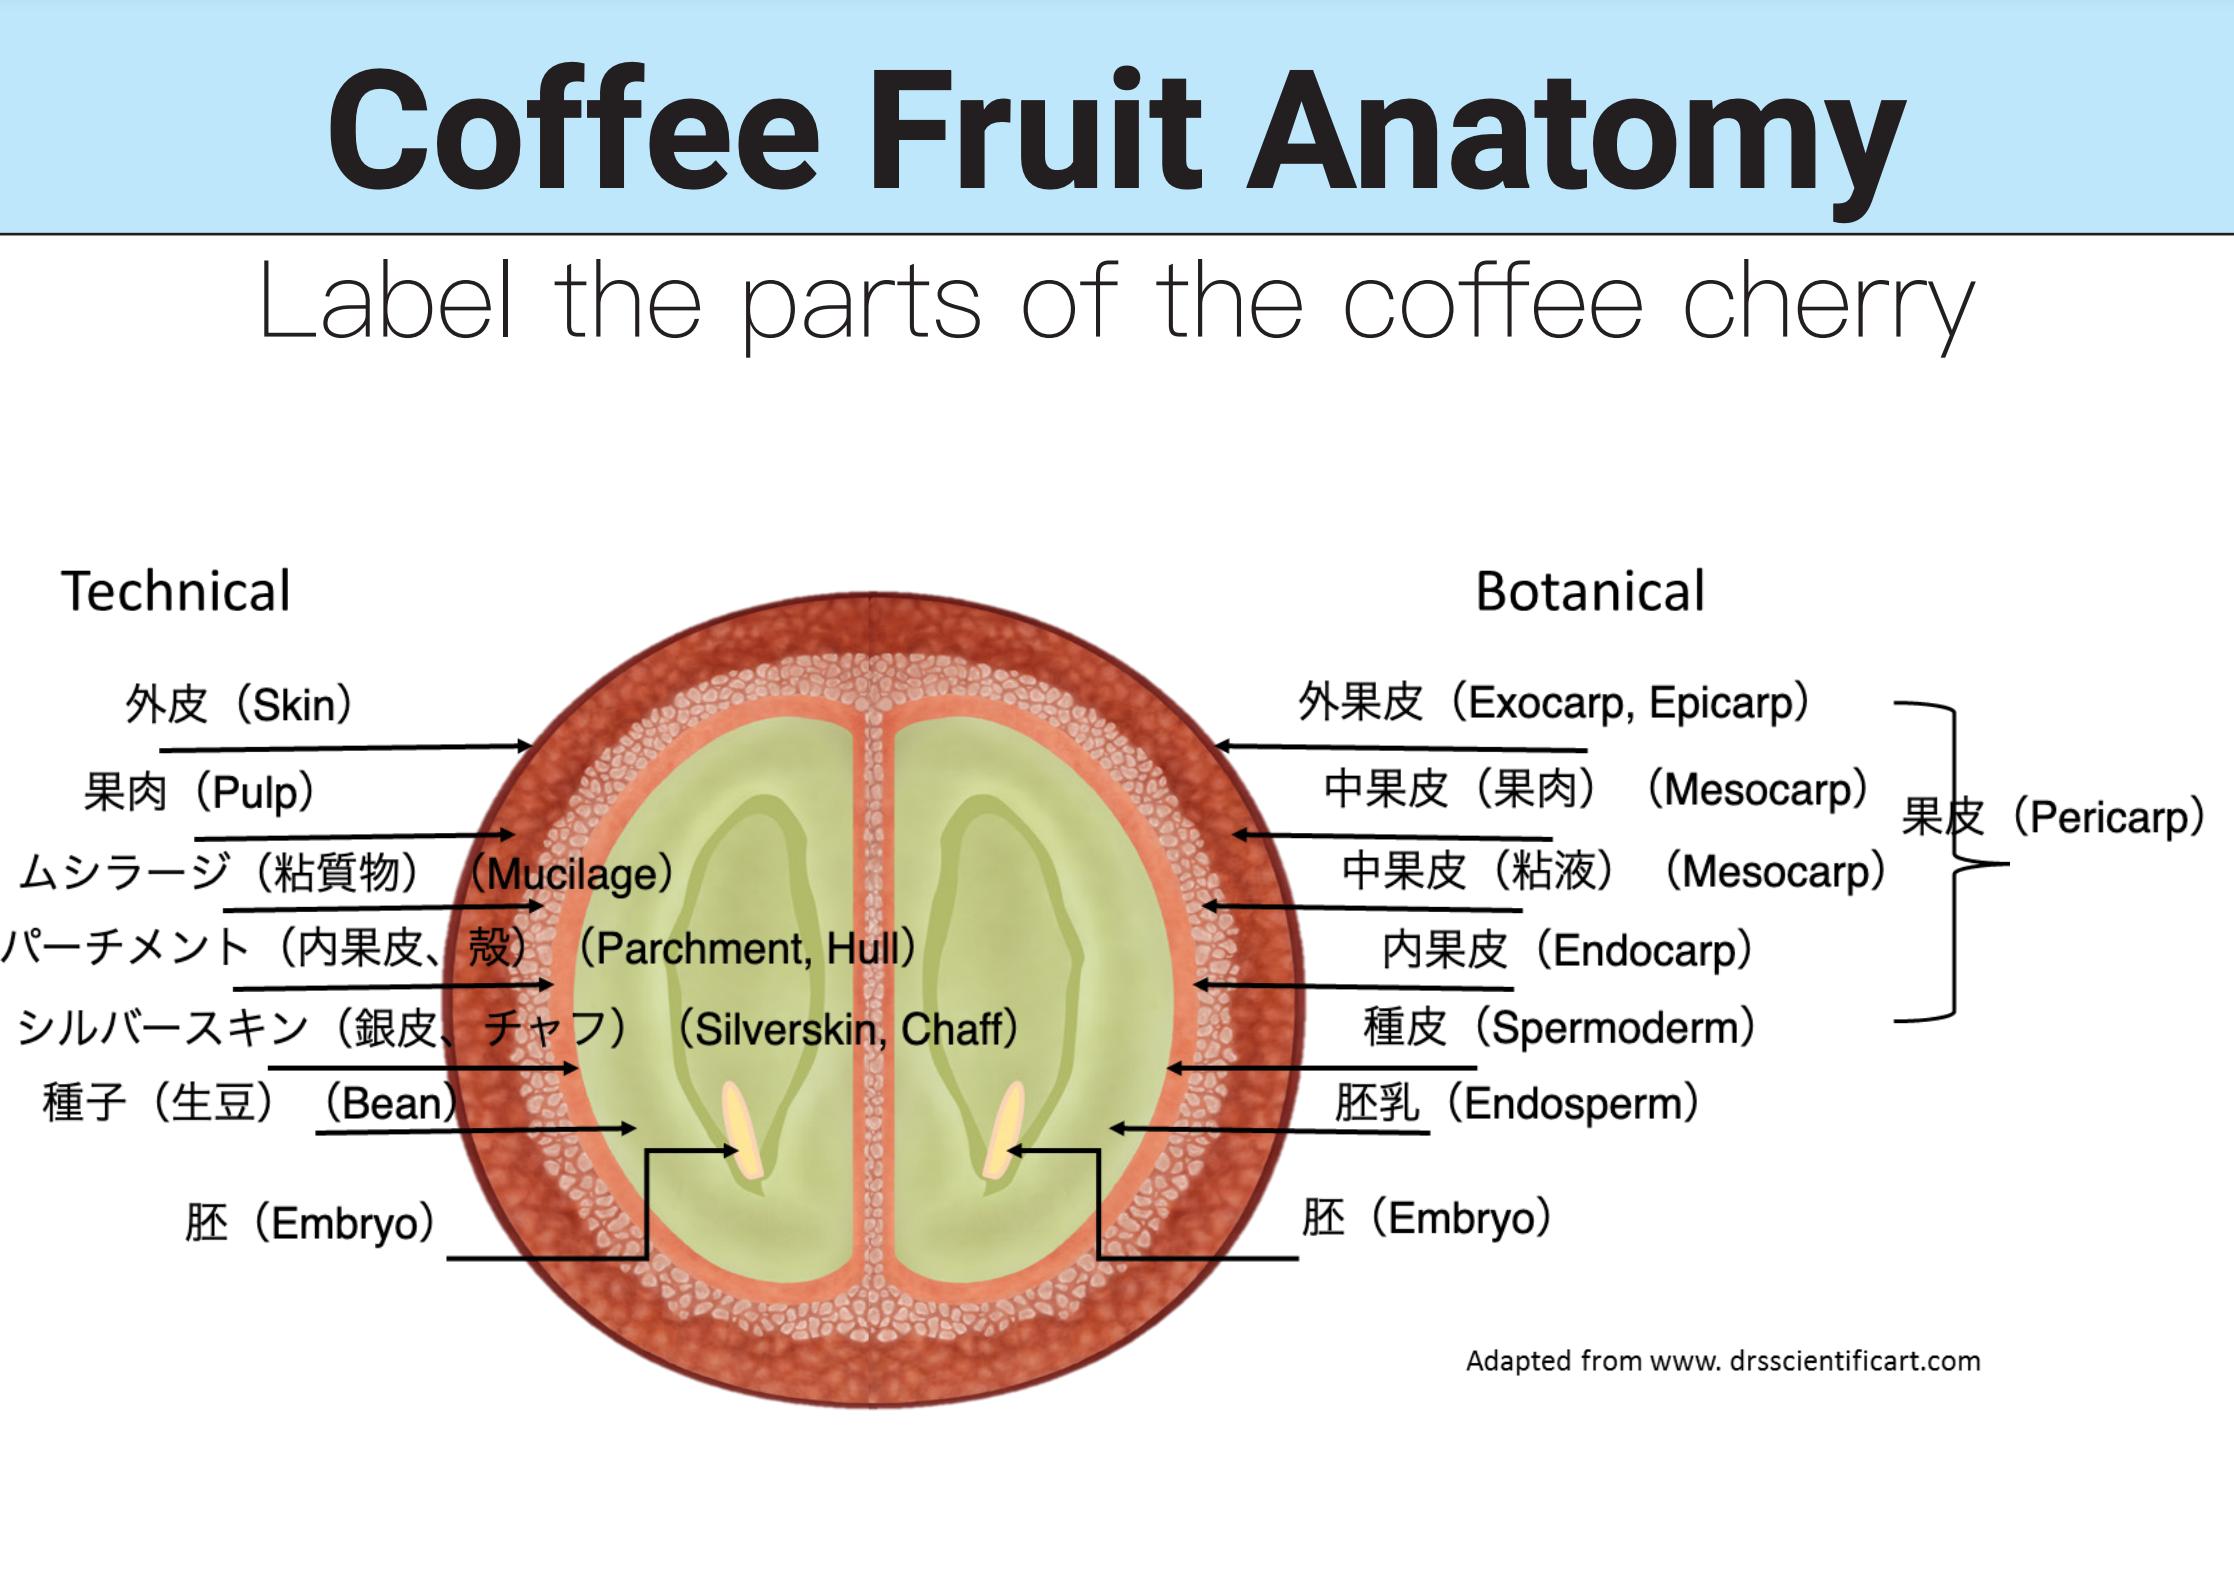 ロースト デザイン コーヒー:ルワンダ シンビ アナエロビック ナチュラル